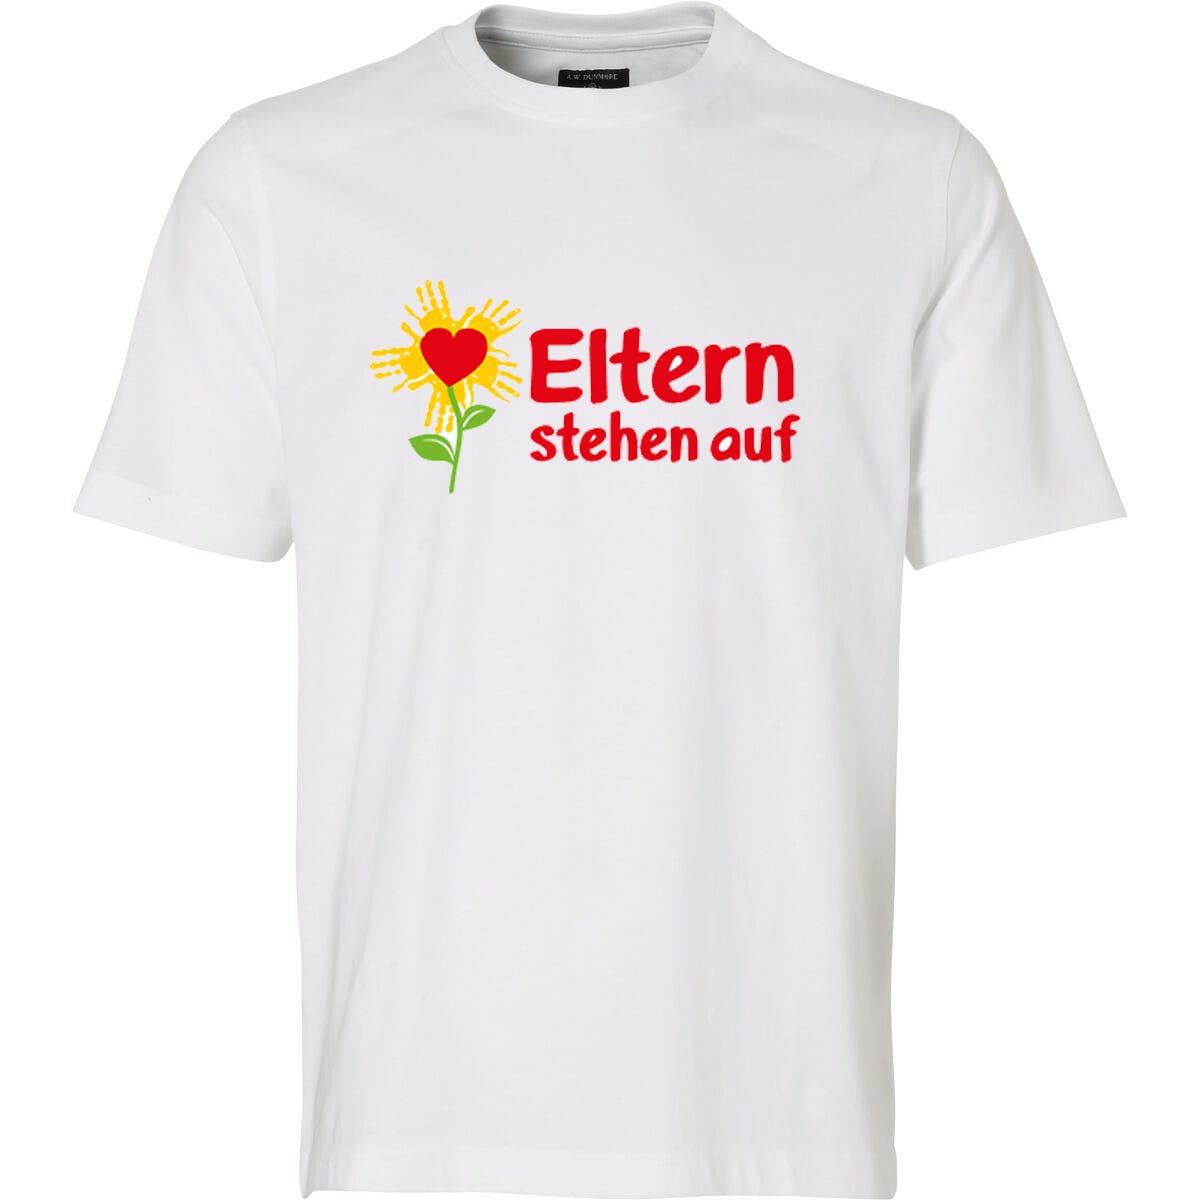 T-Shirt: Eltern stehen auf